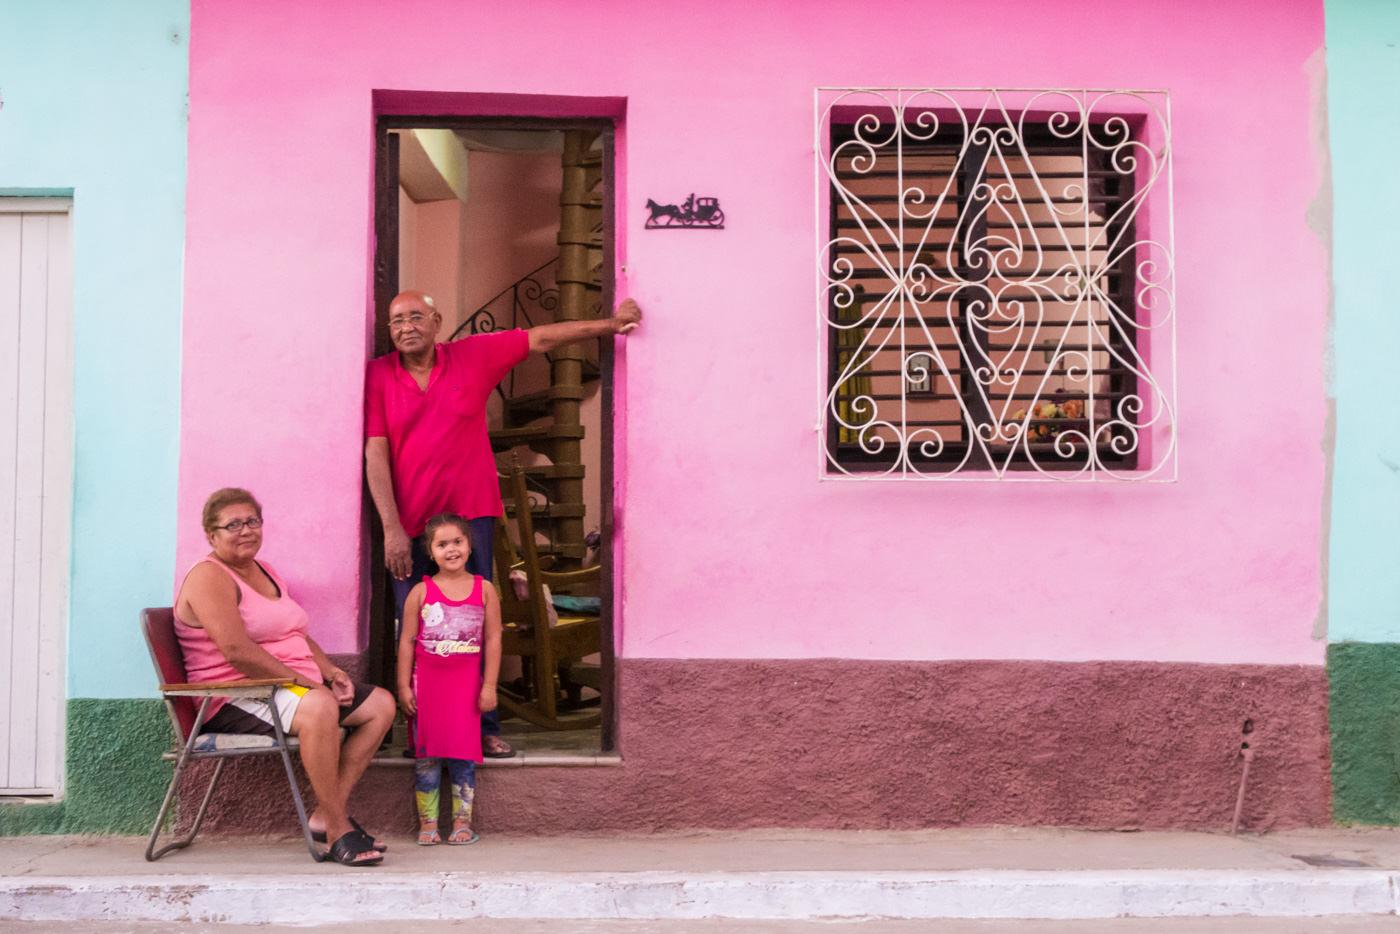 Kubanische Familie ist passend zur Farbe des Hauses gekleidet